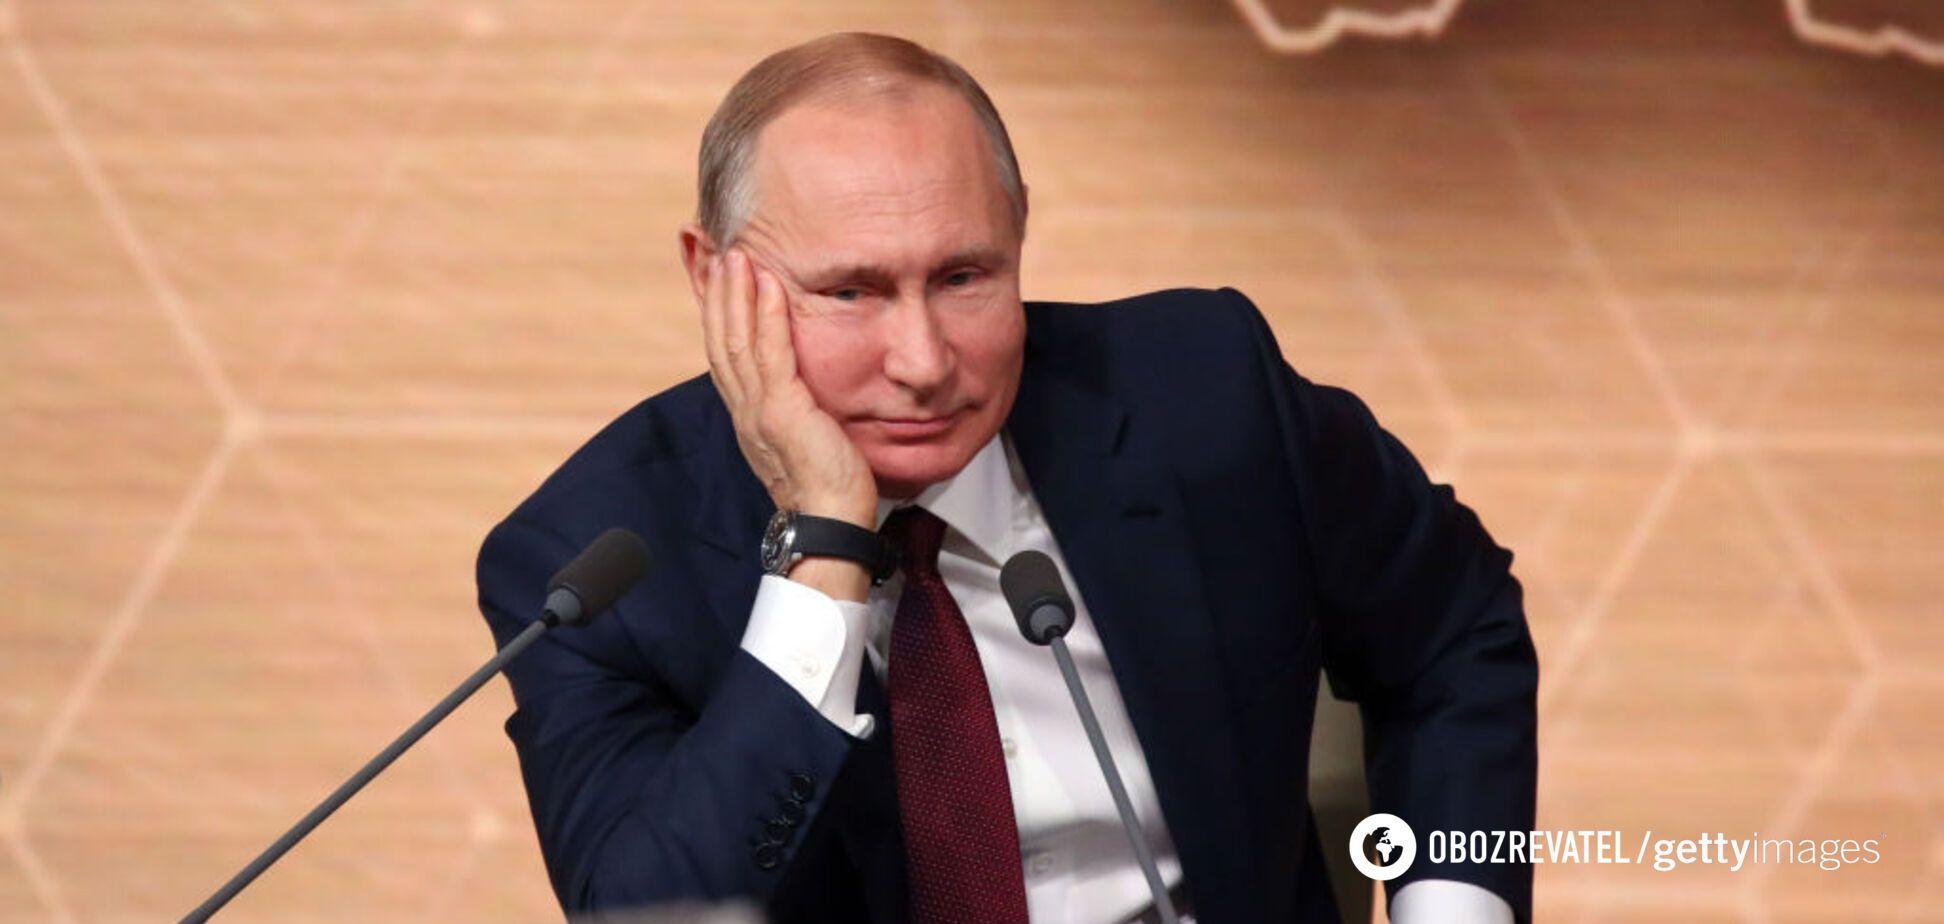 Як всі ці люди, на чолі з Путіним, будуть рулити країною?